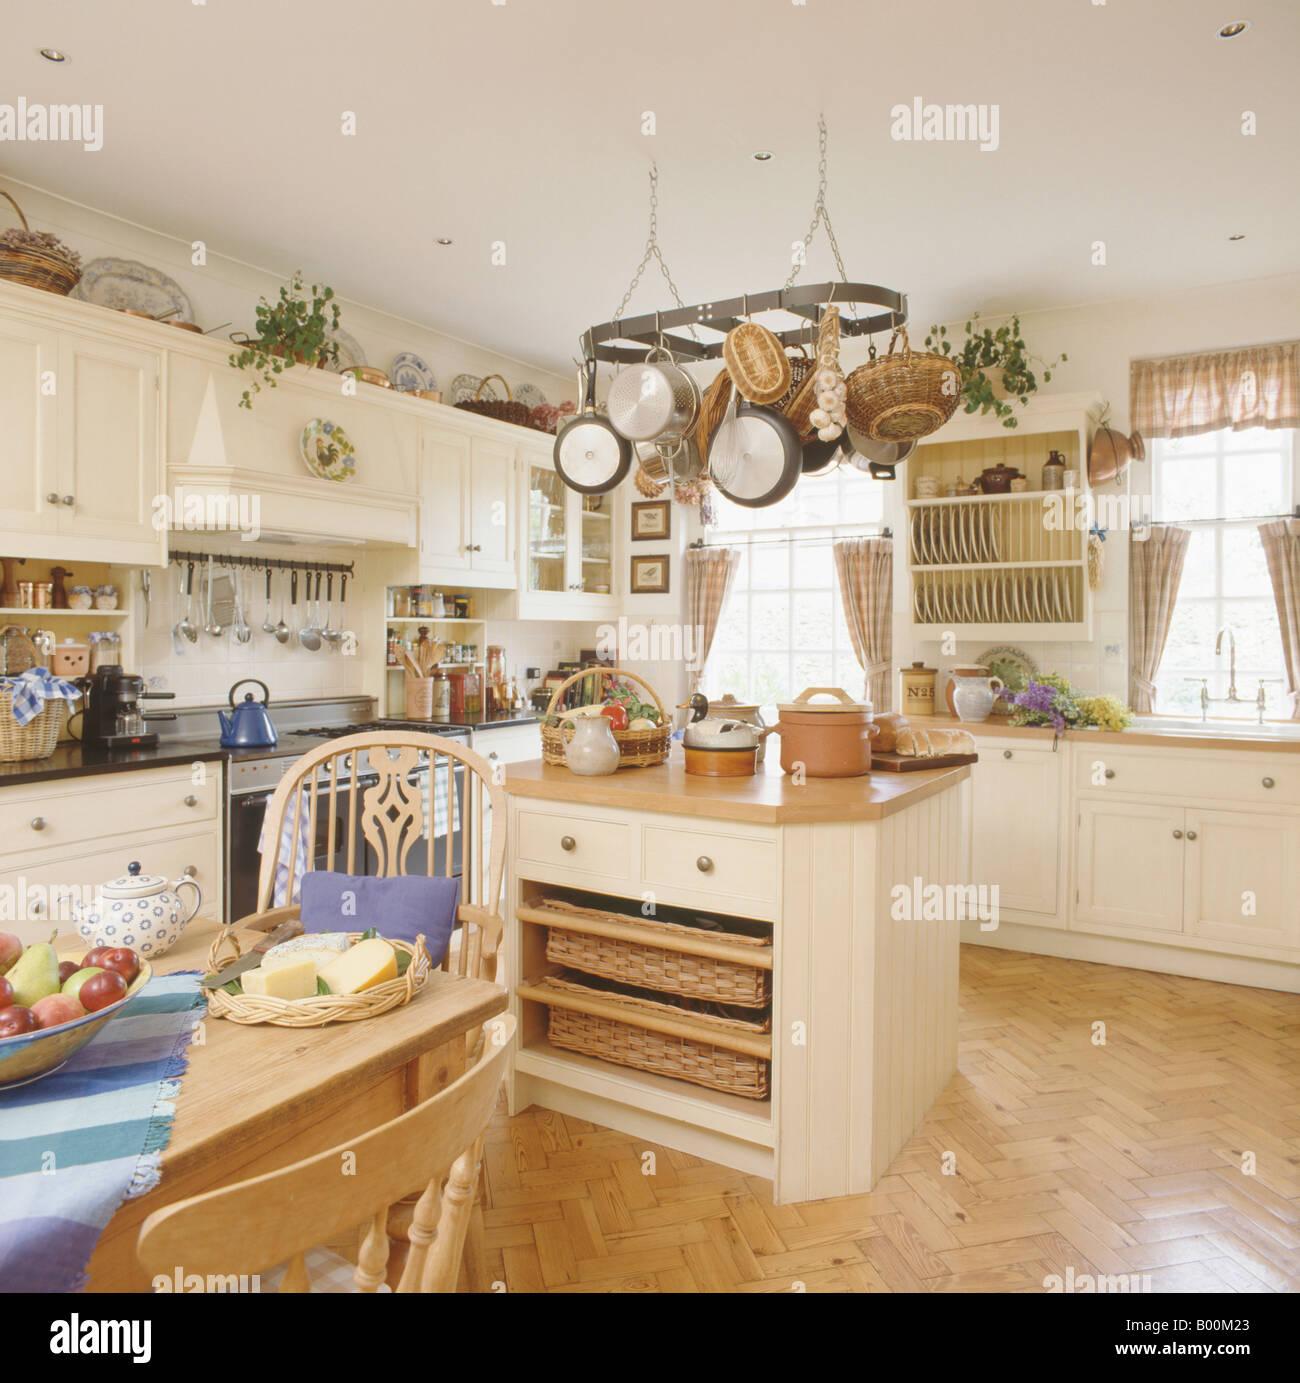 pfannen auf gestell oberhalb insel mit k rben lagerung auf regalen in creme k che mit parkett. Black Bedroom Furniture Sets. Home Design Ideas